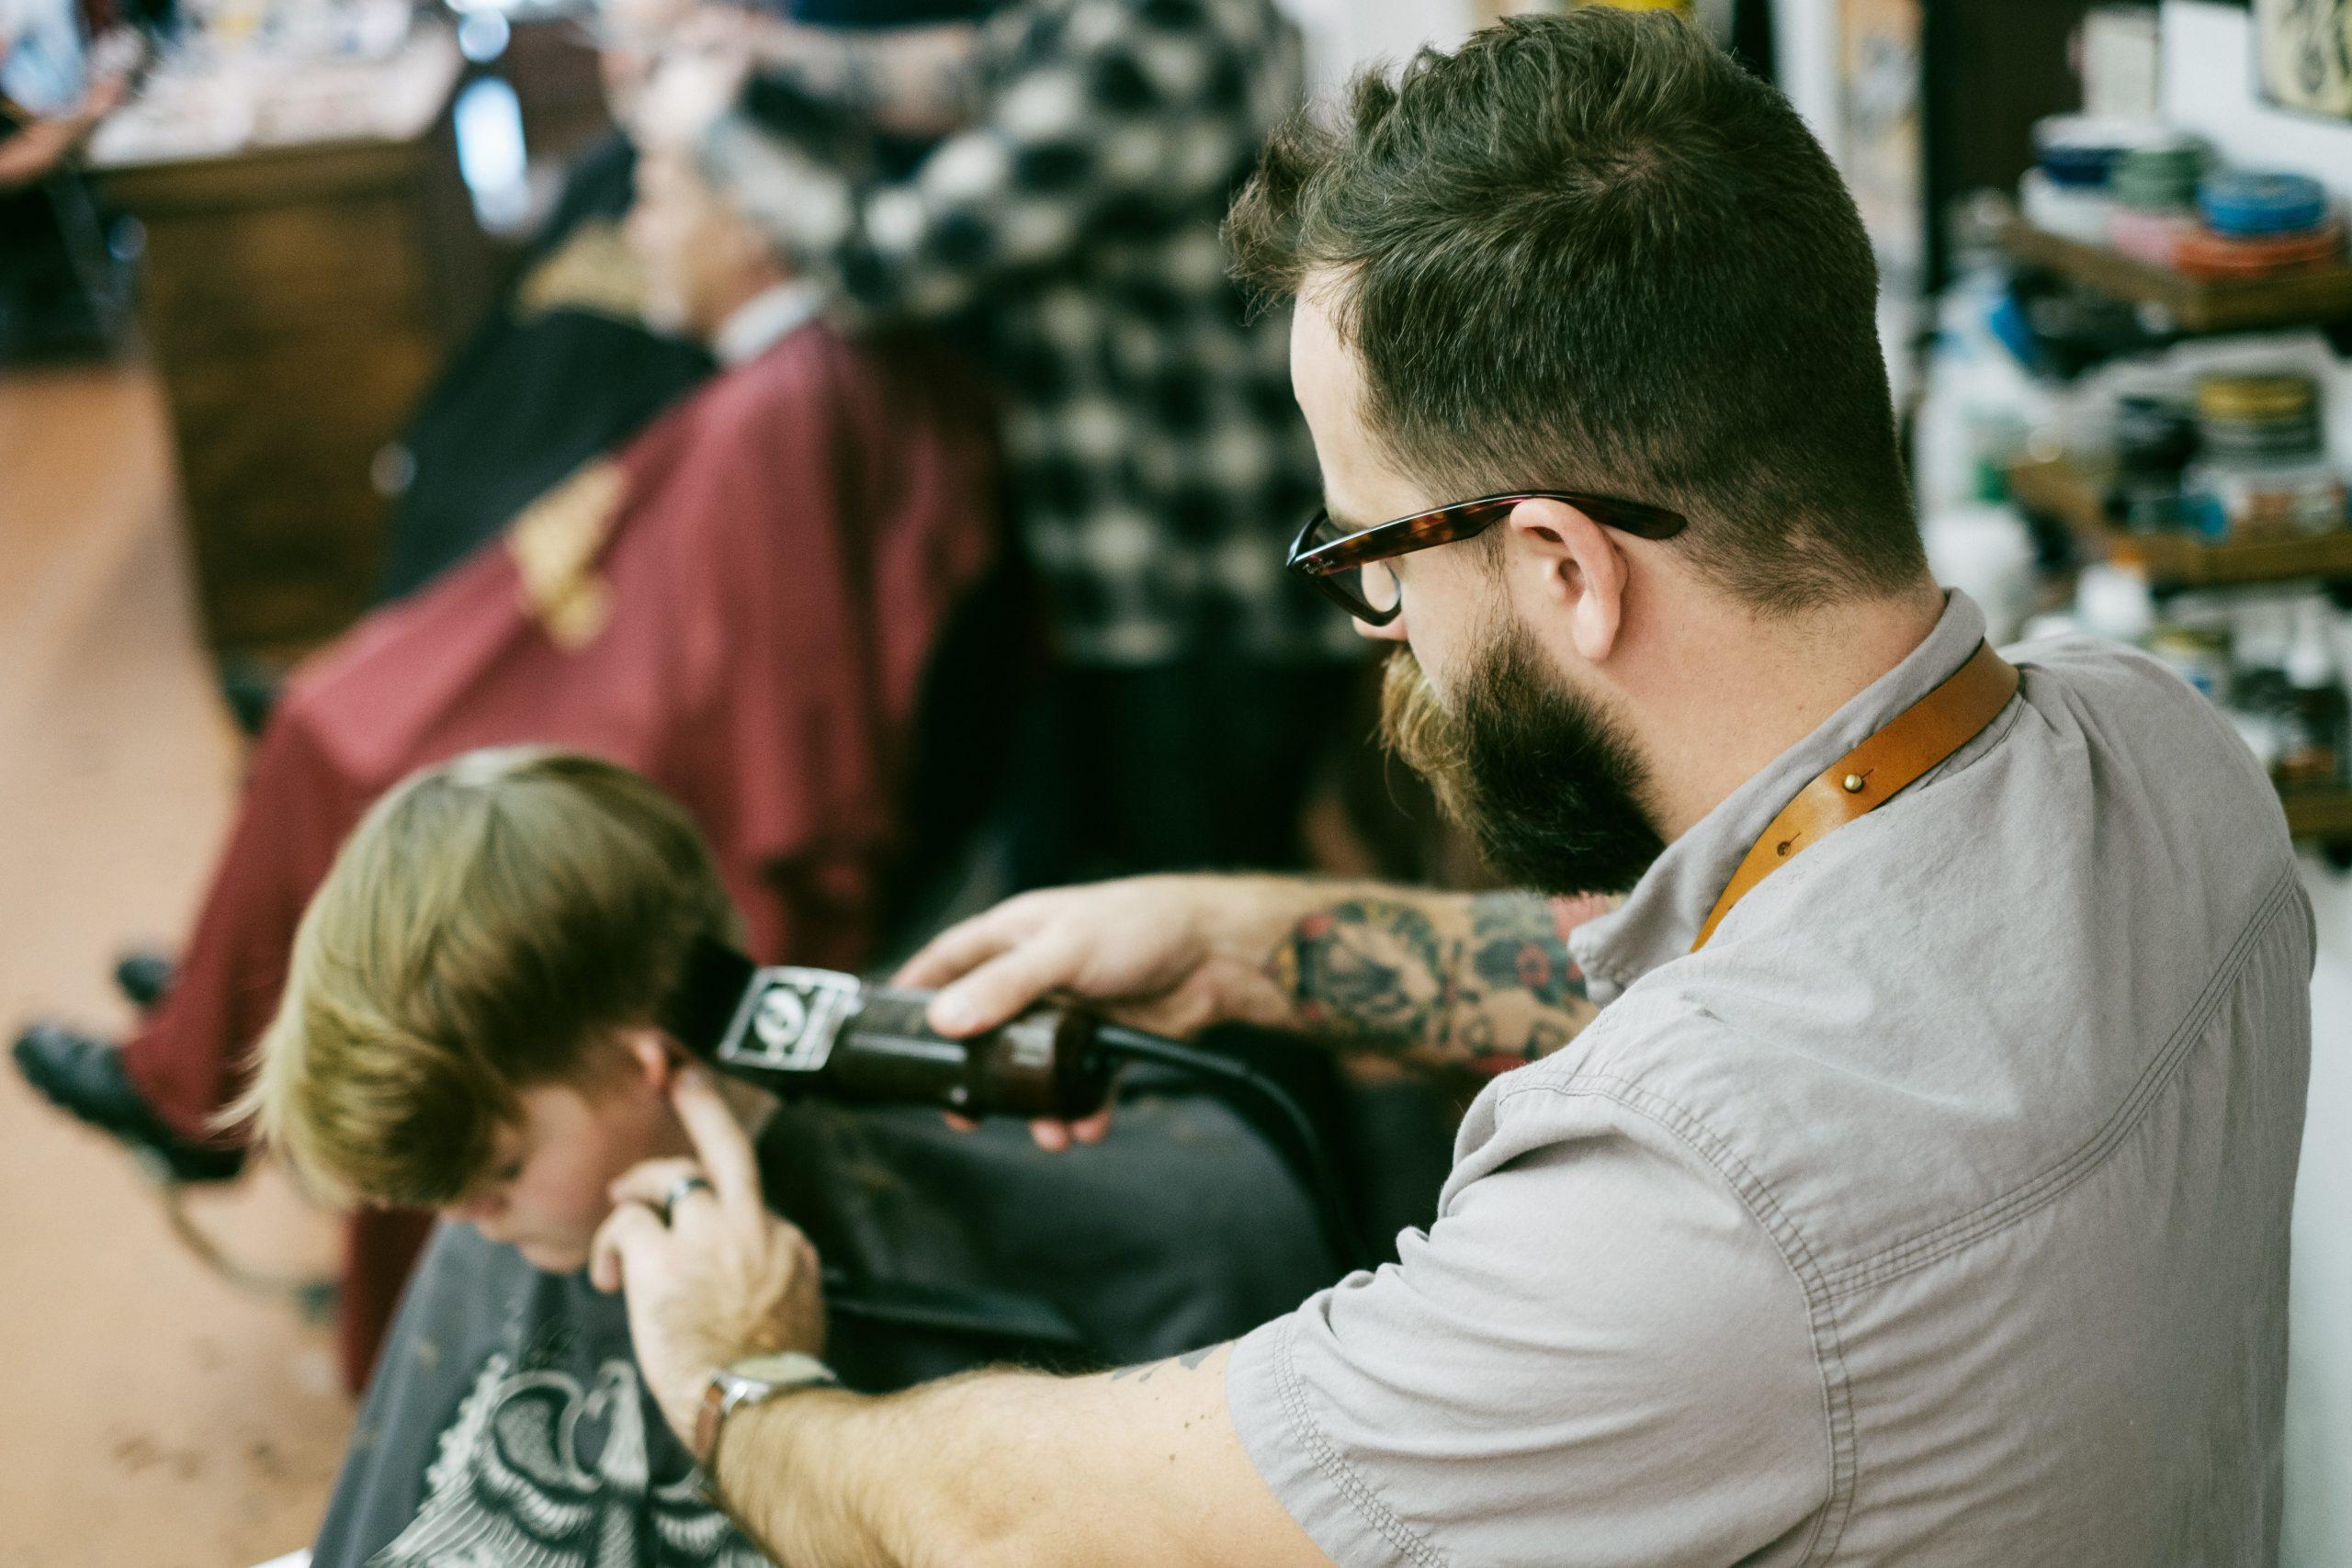 Addetto parrucchiere unisex